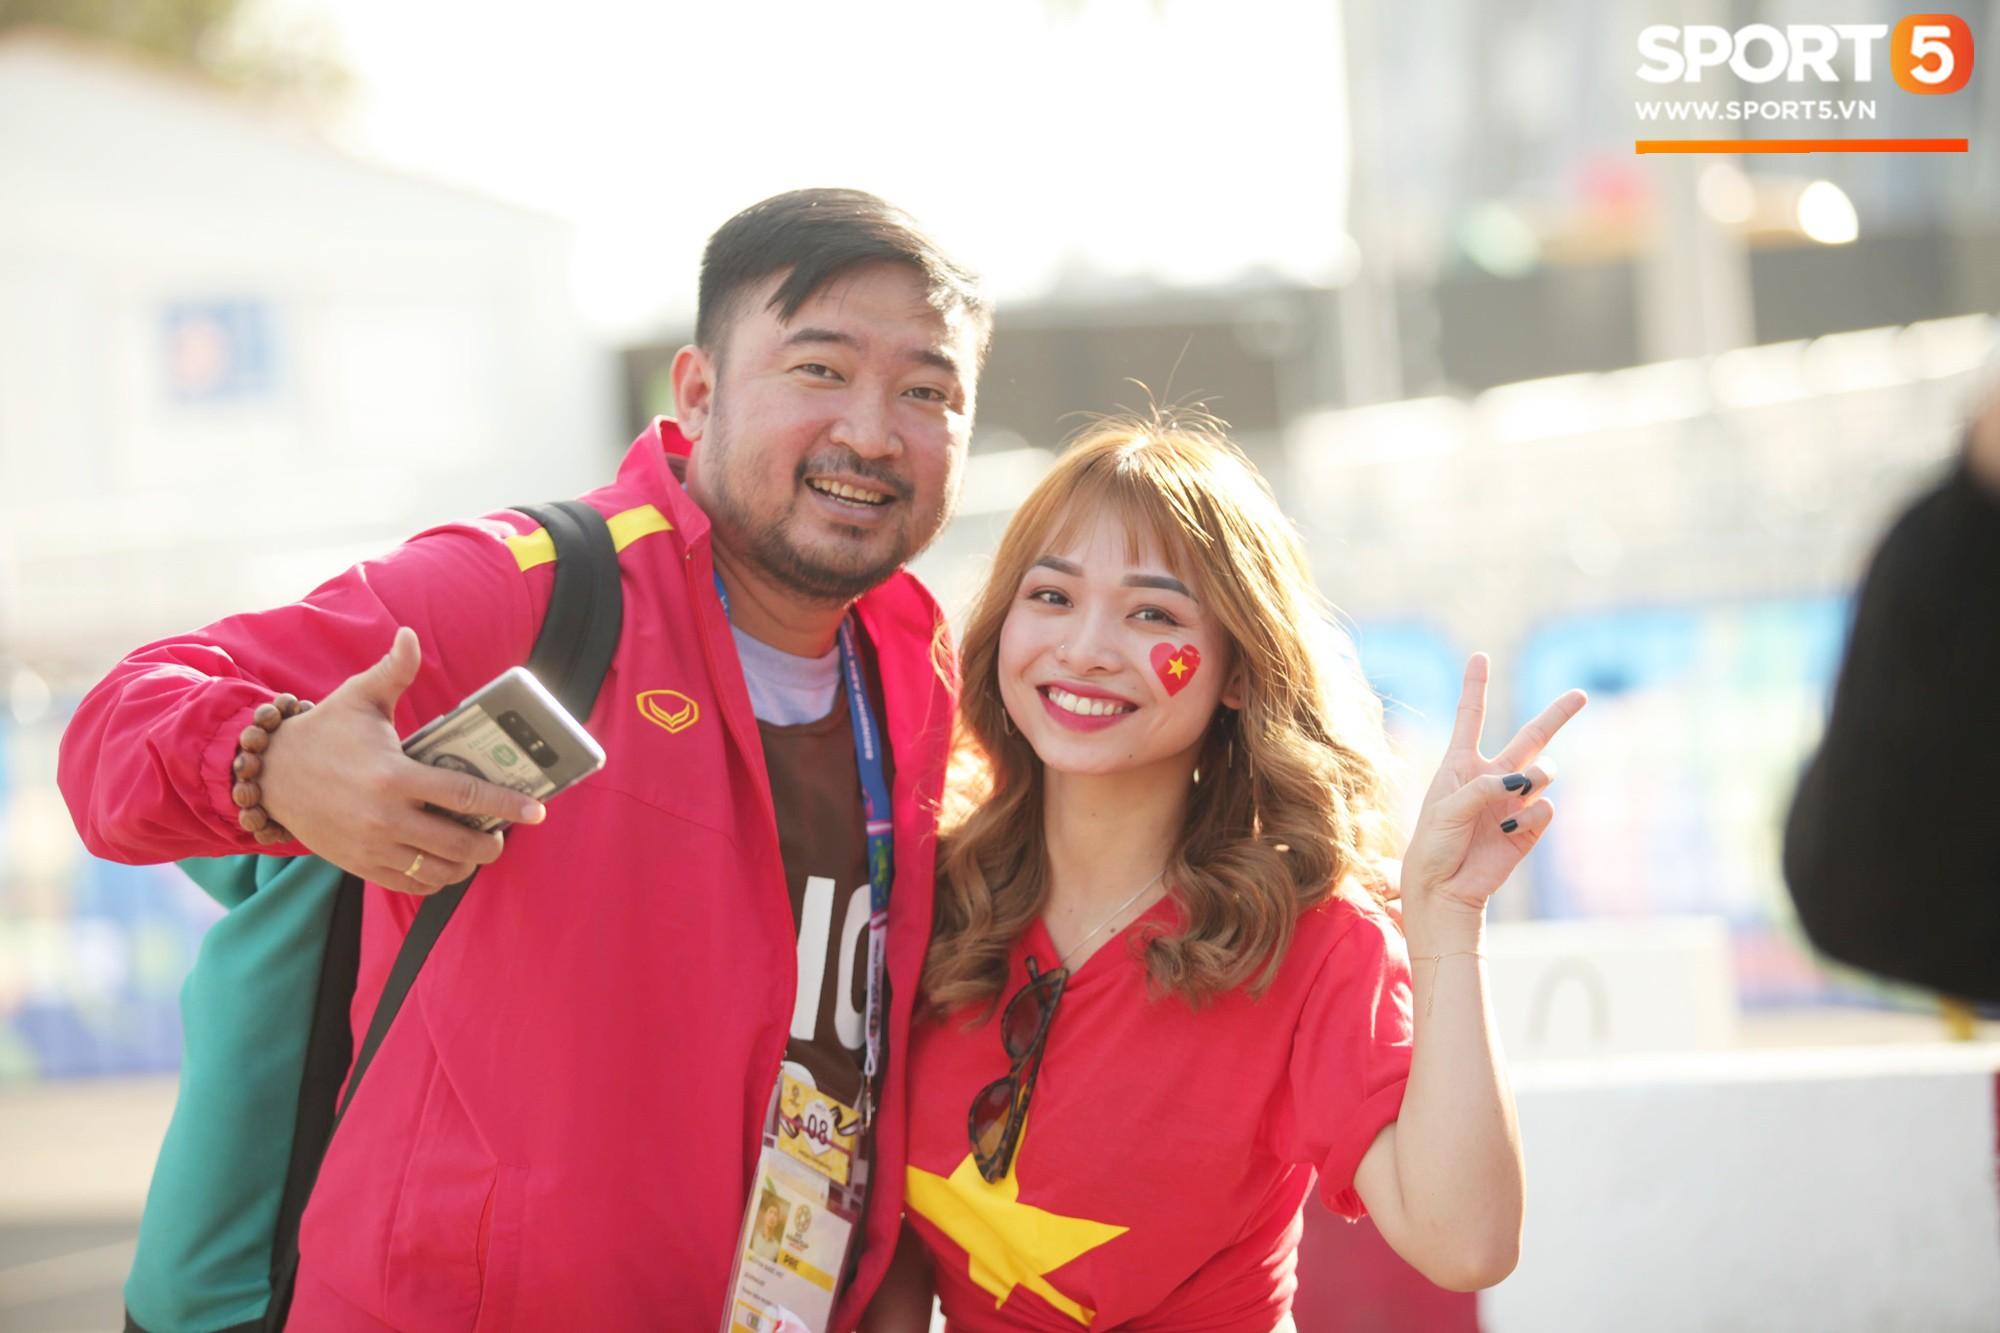 Dàn fangirl xinh đẹp tiếp lửa cho đội tuyển Việt Nam trước trận gặp Iraq-5